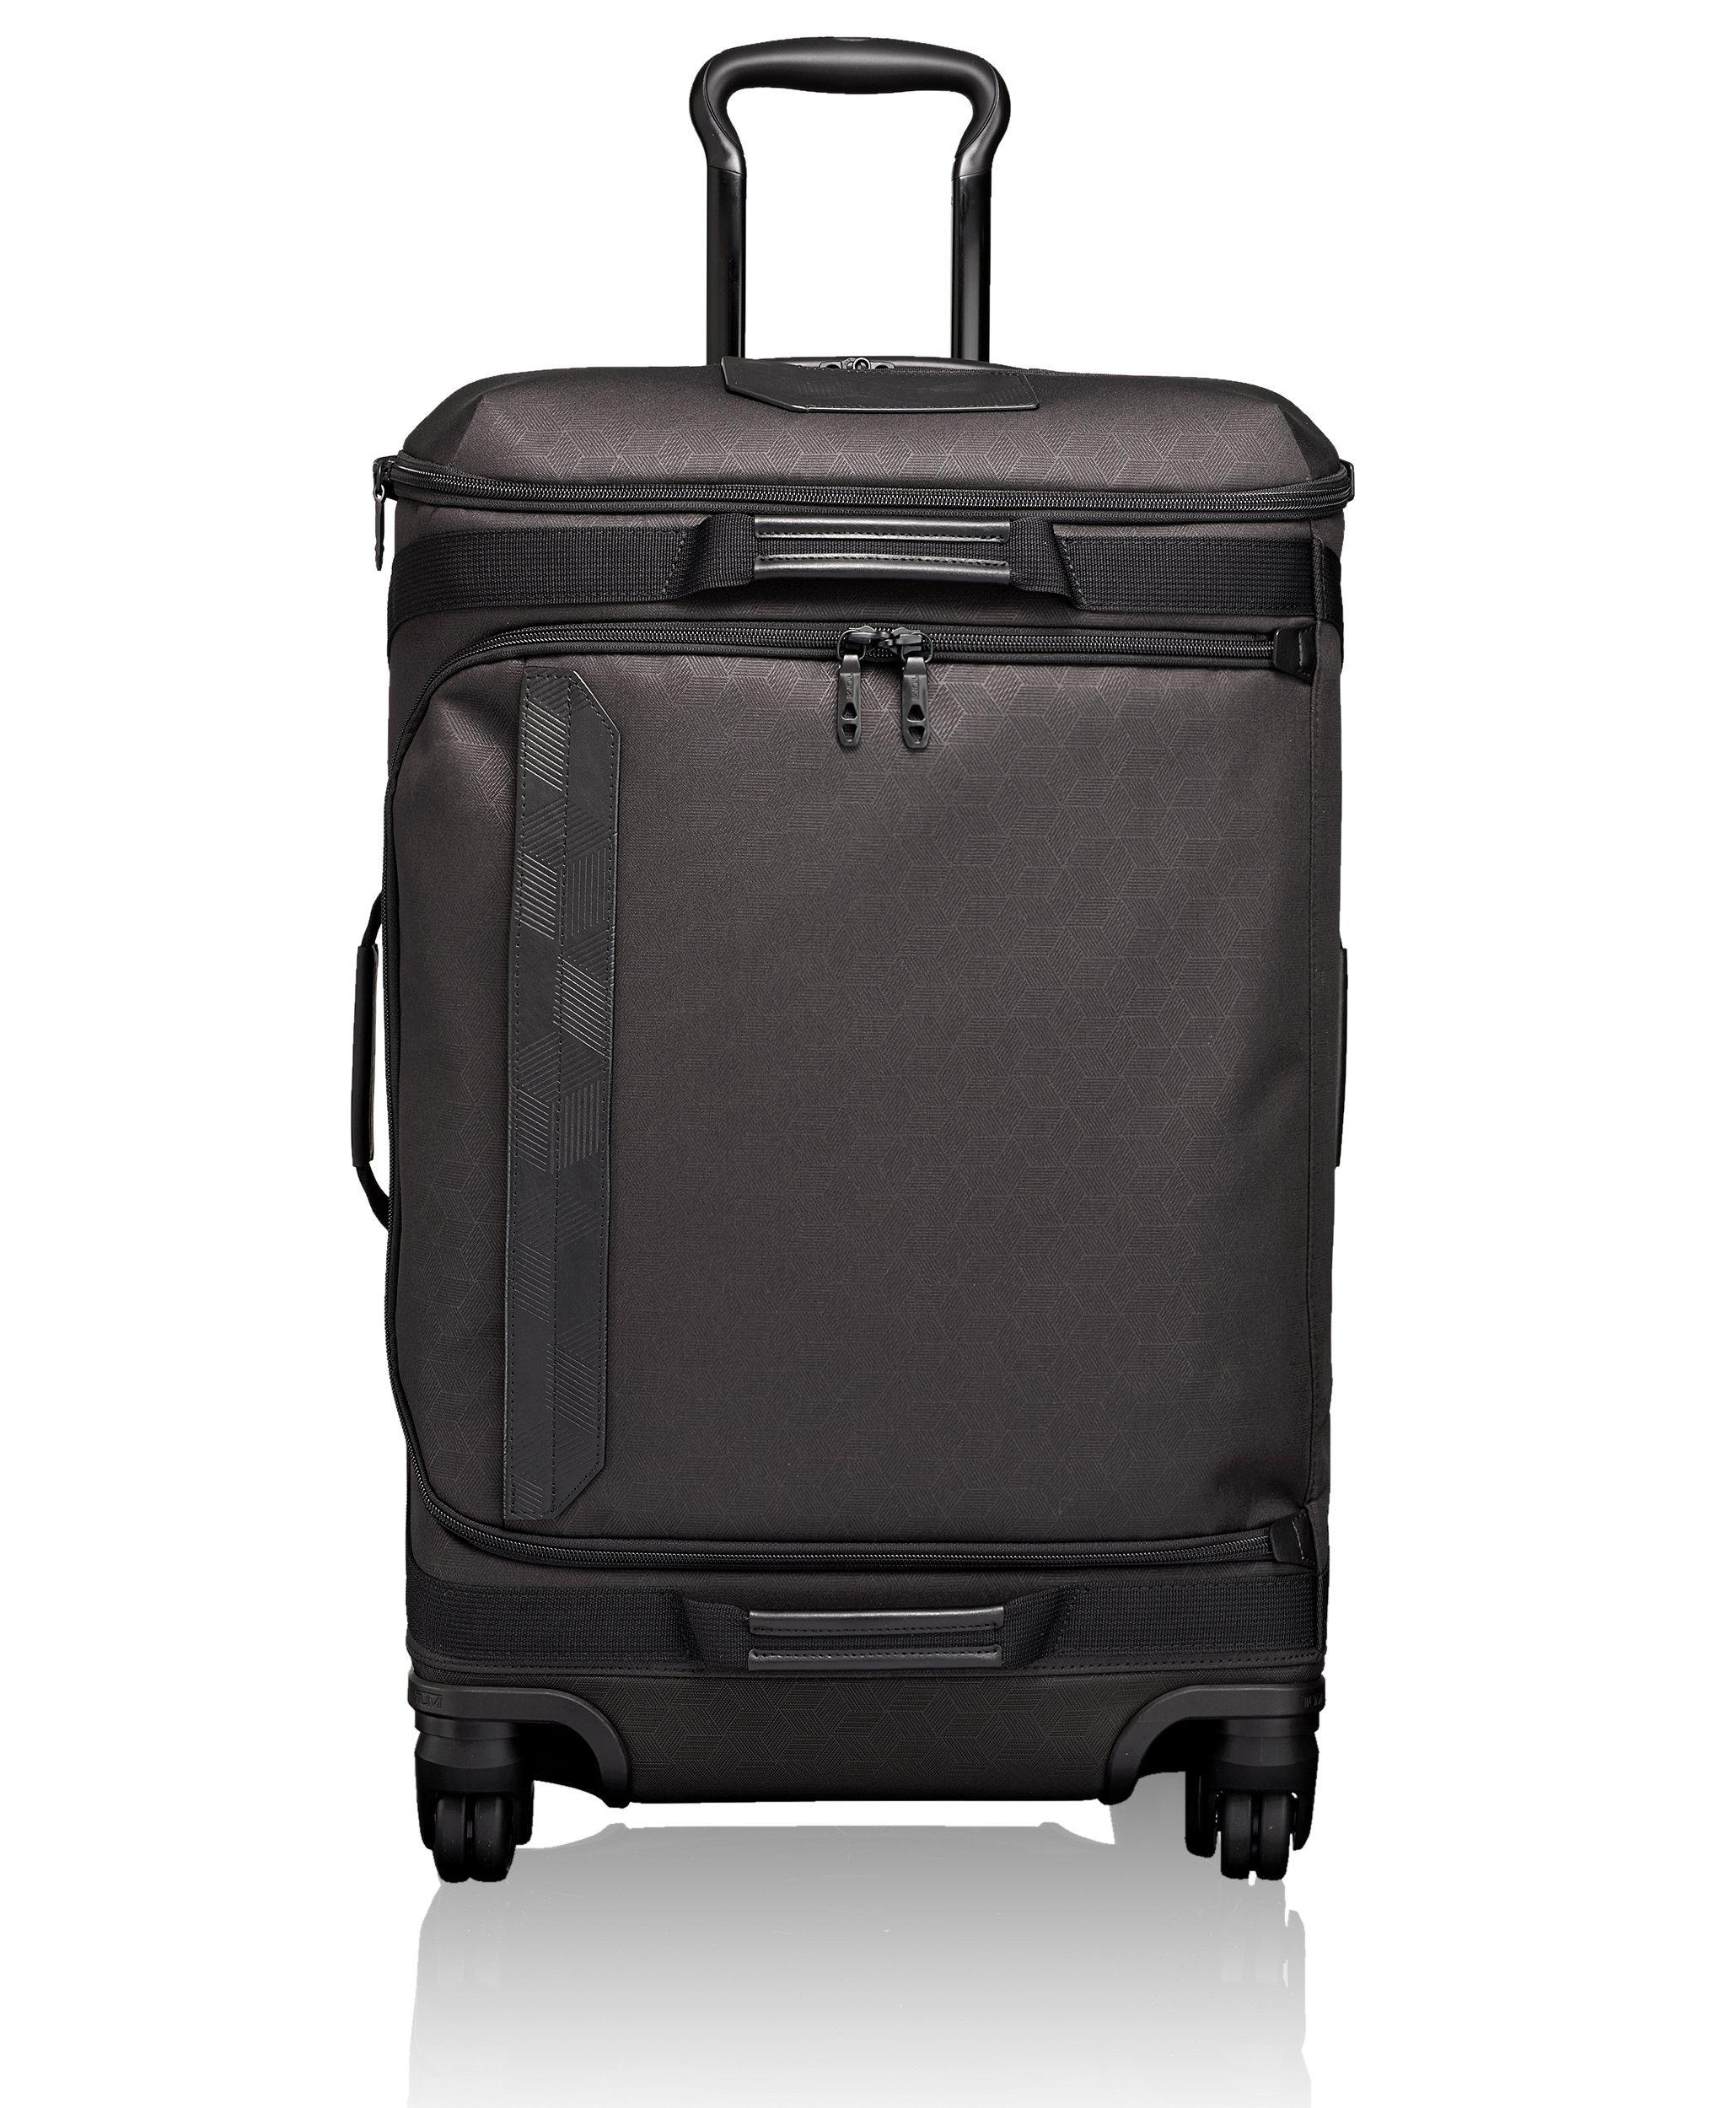 Tumi Tahoe Reno 4 Wheel Exp Short Trip Packing Case, Black